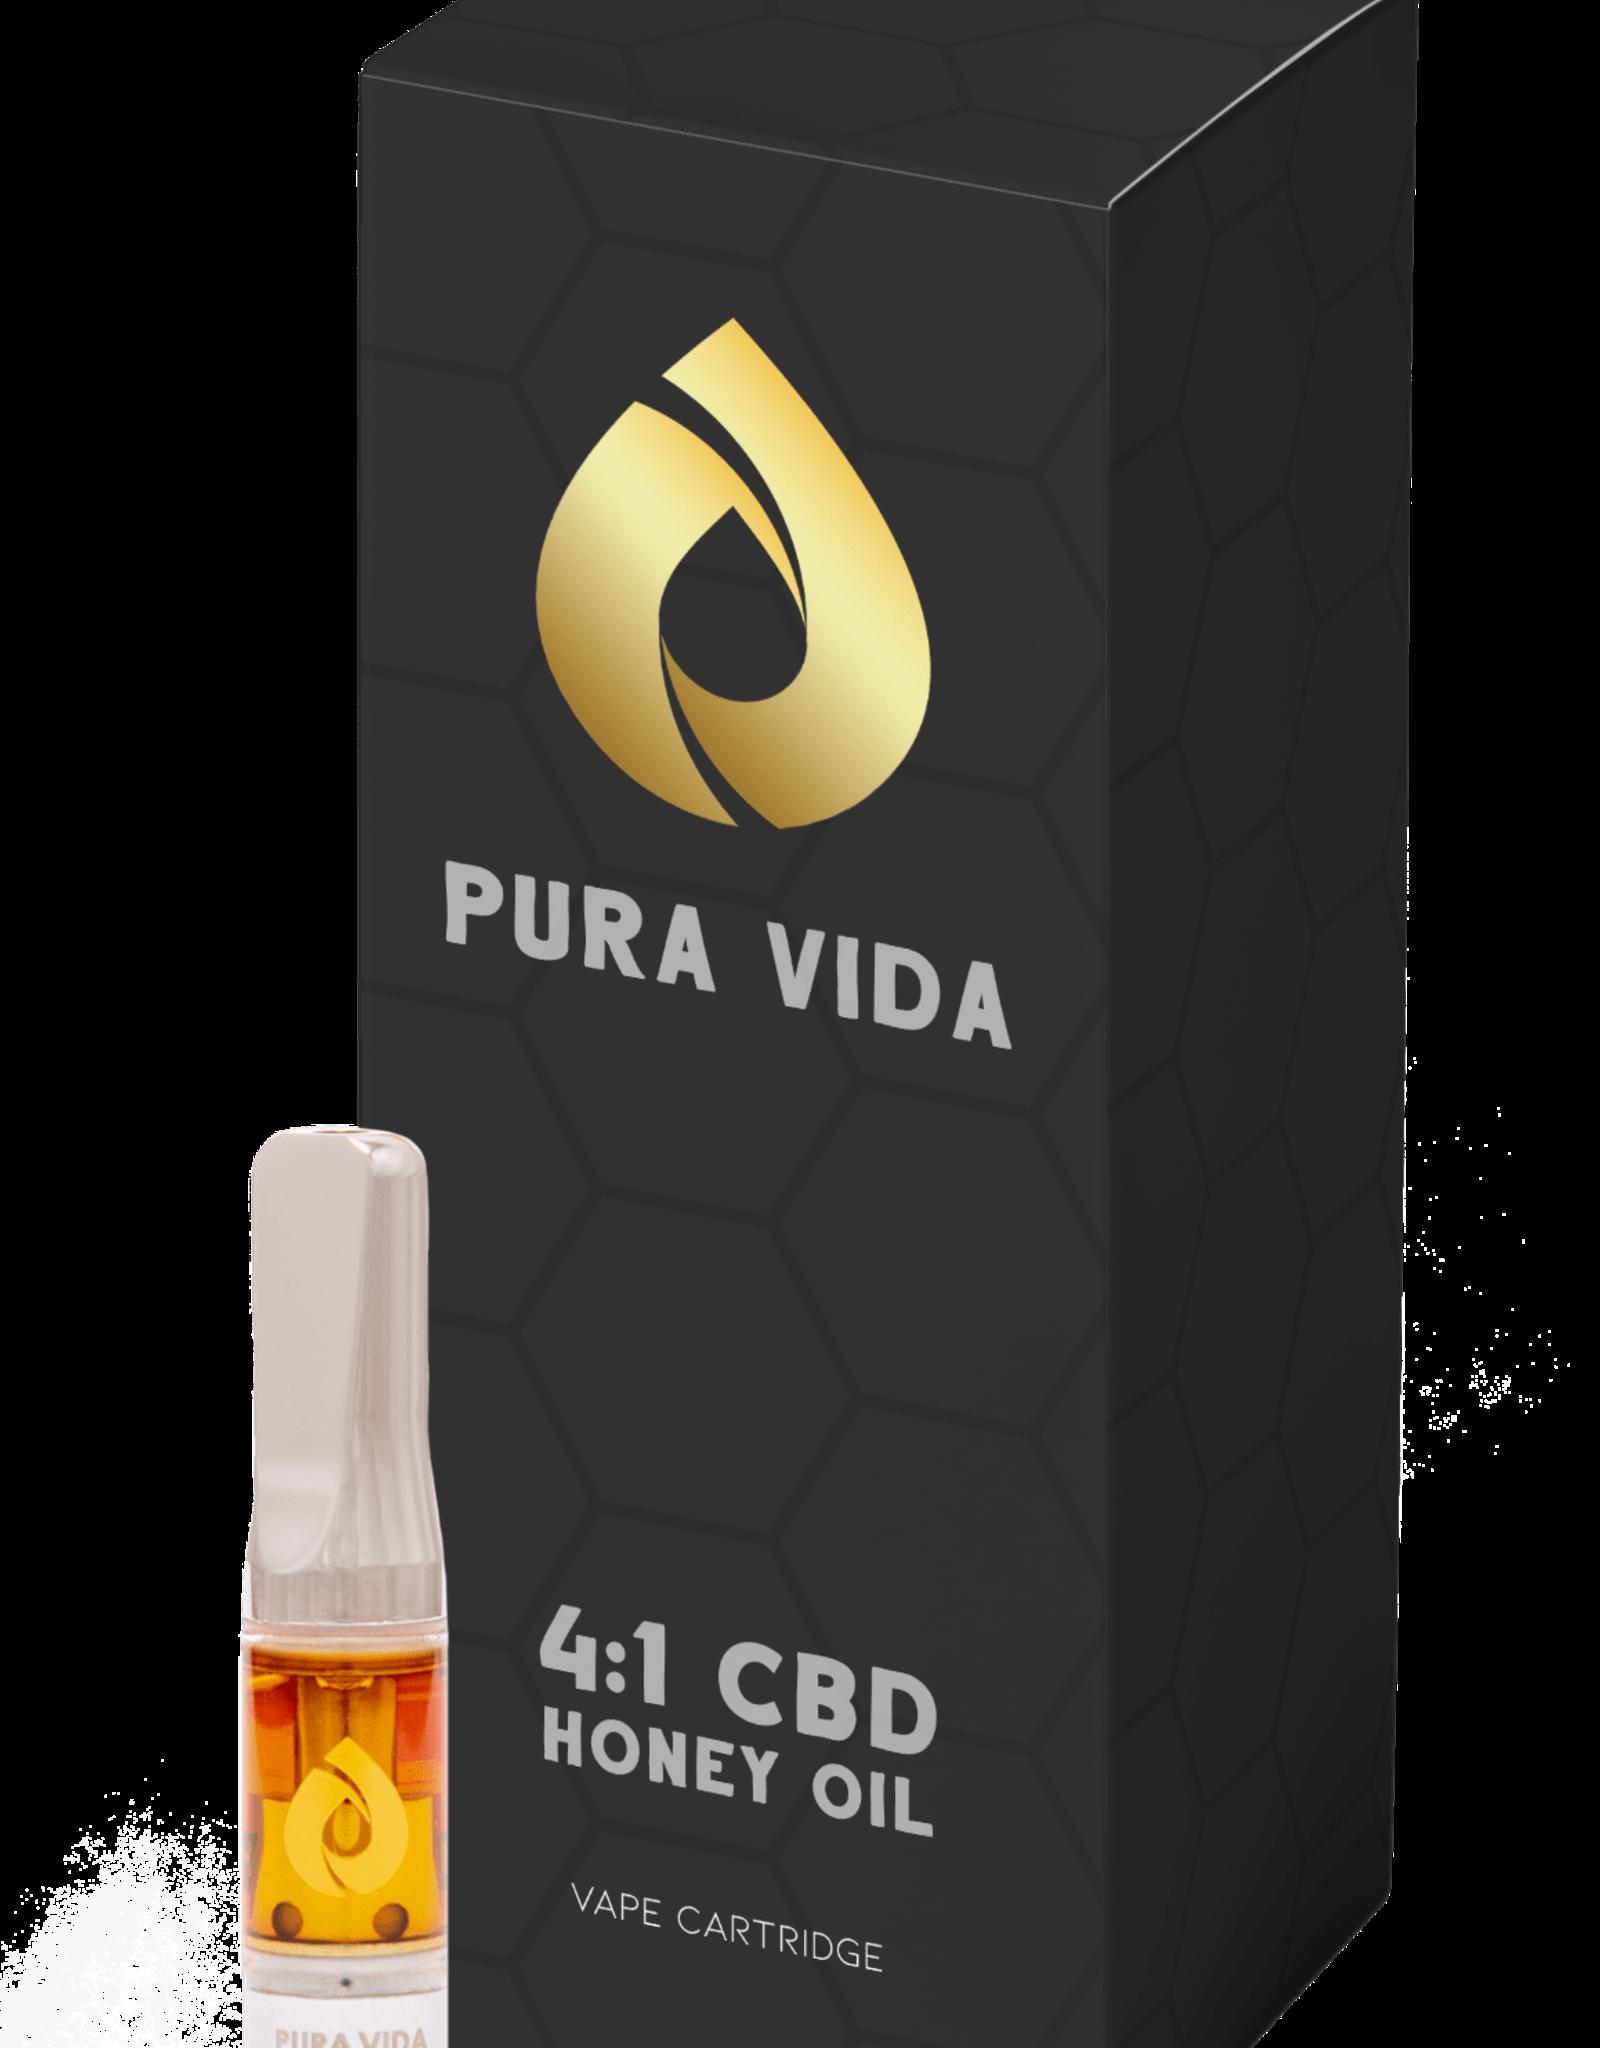 Pura Vida Pura Vida - CBD 4:1 Honey Oil - 0.5g 510 Cartridge